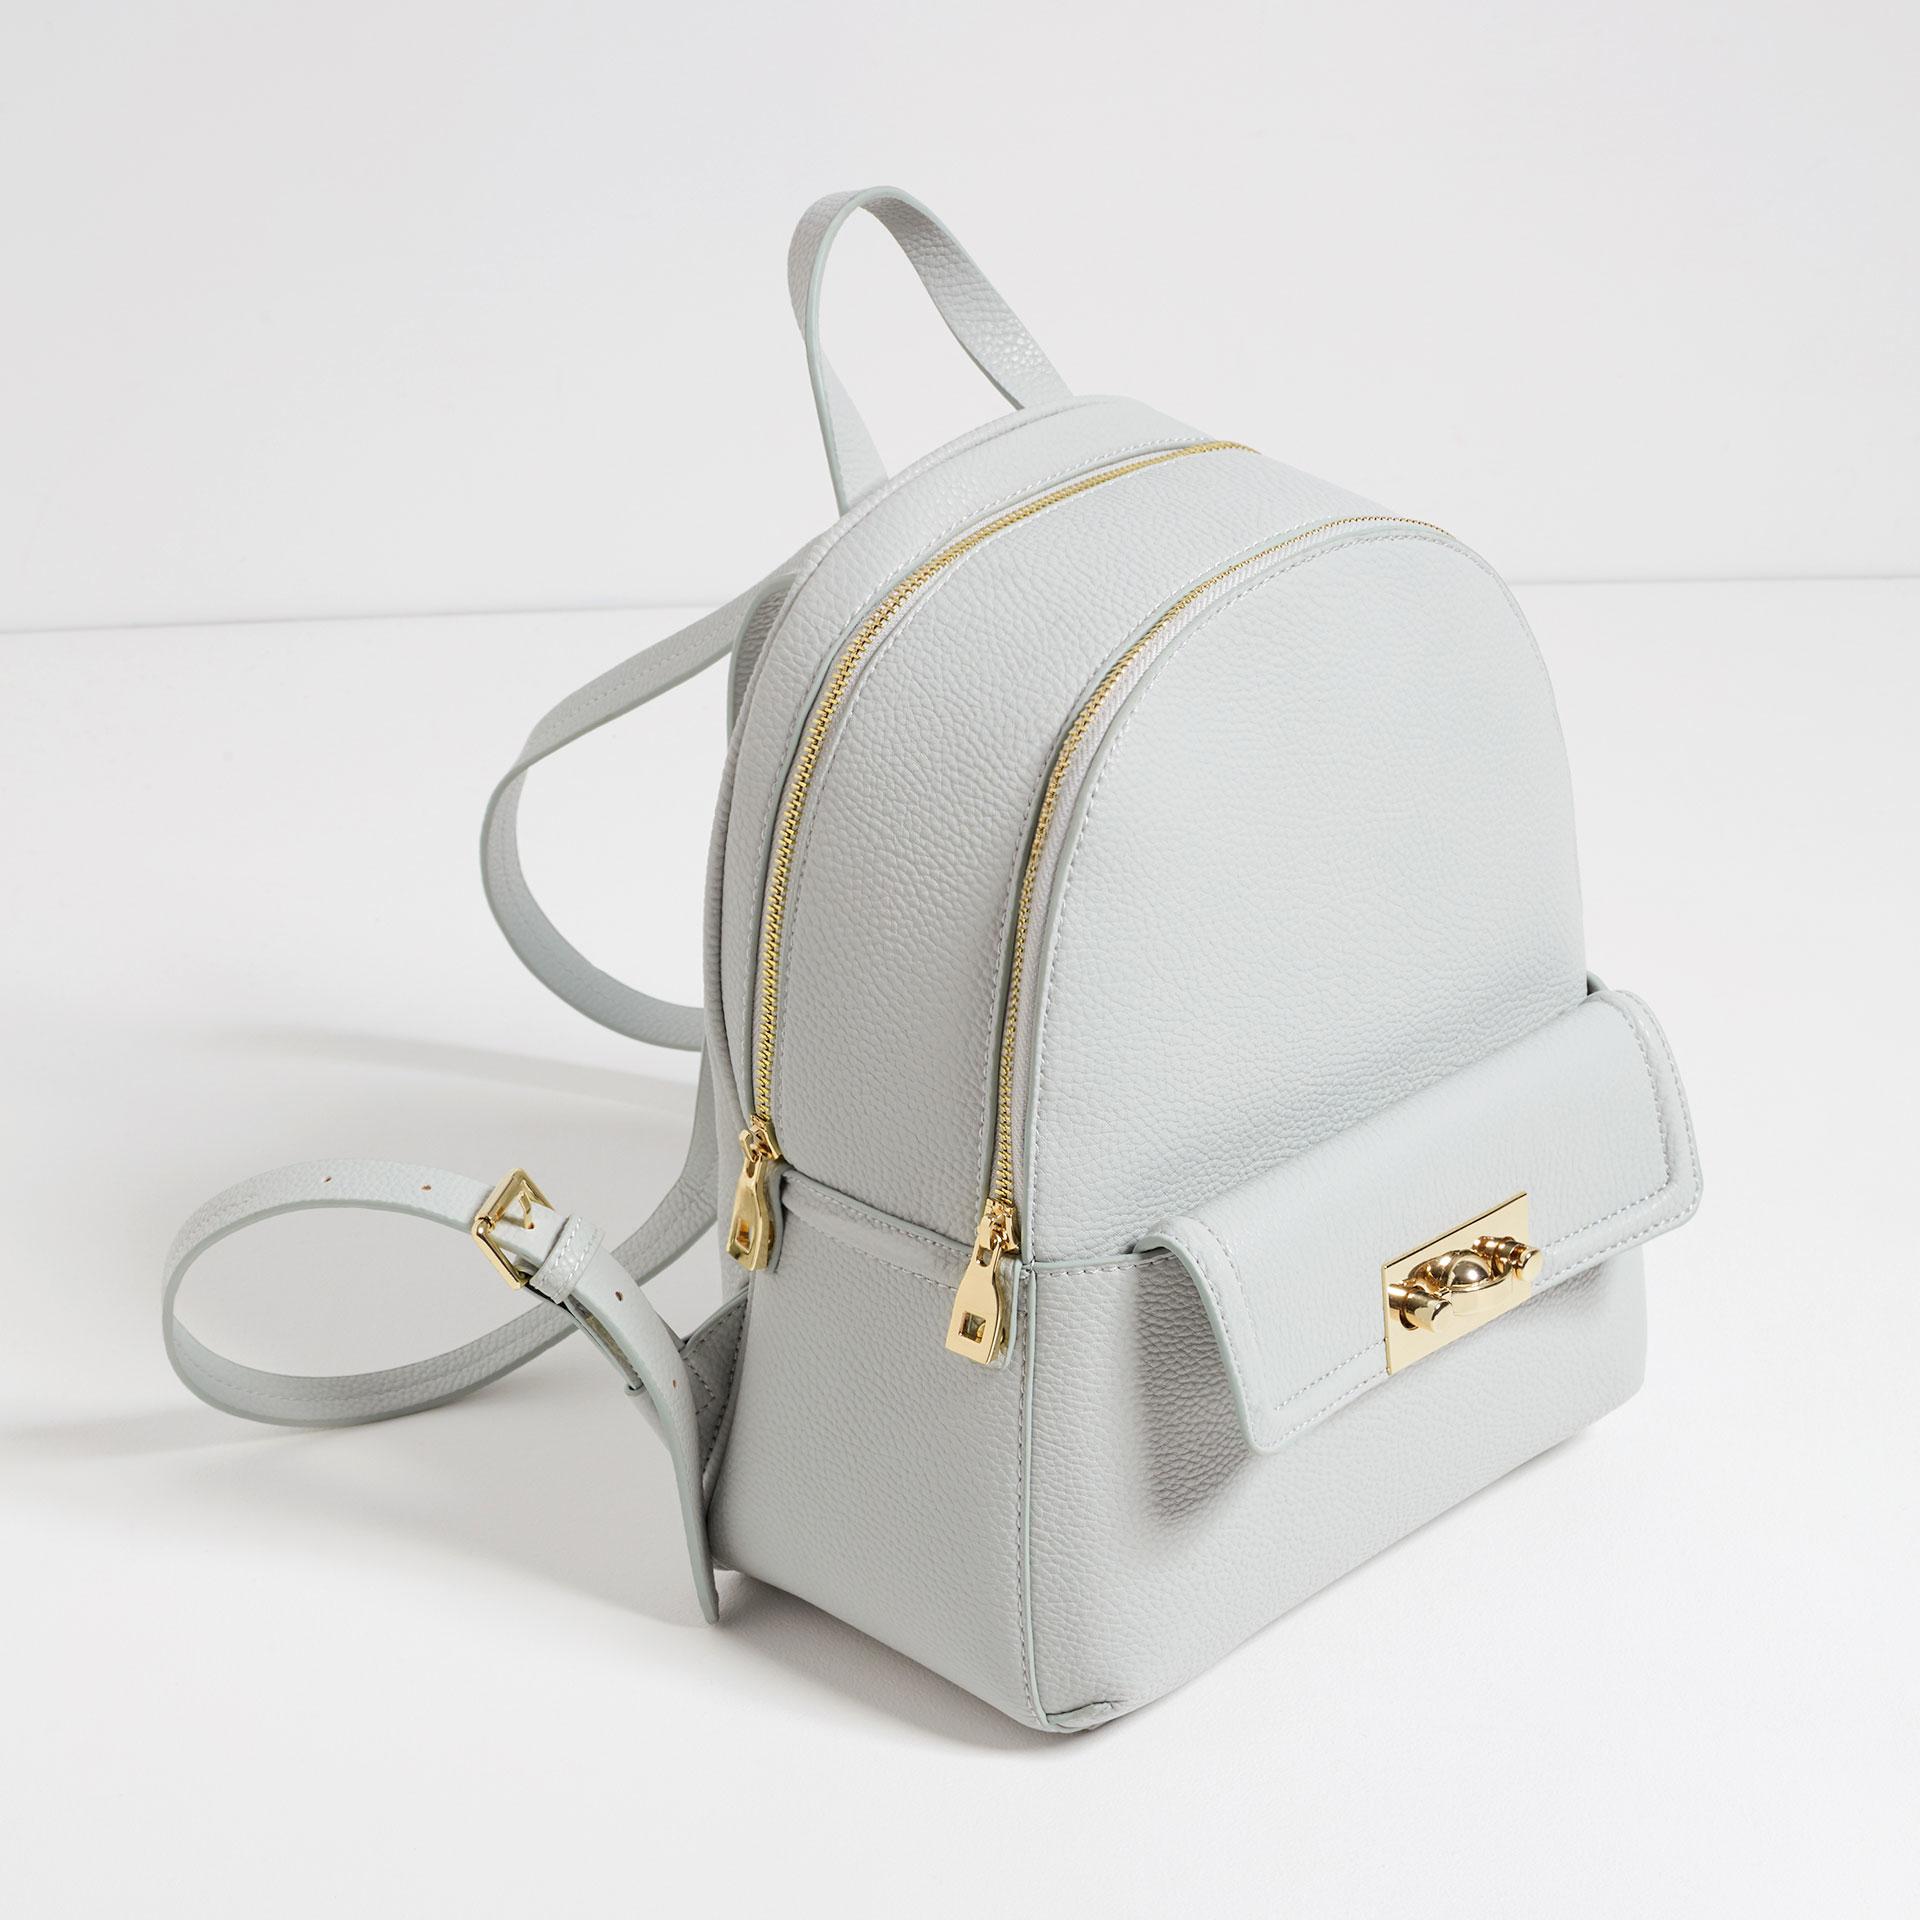 Zara baby hair accessories - Gallery